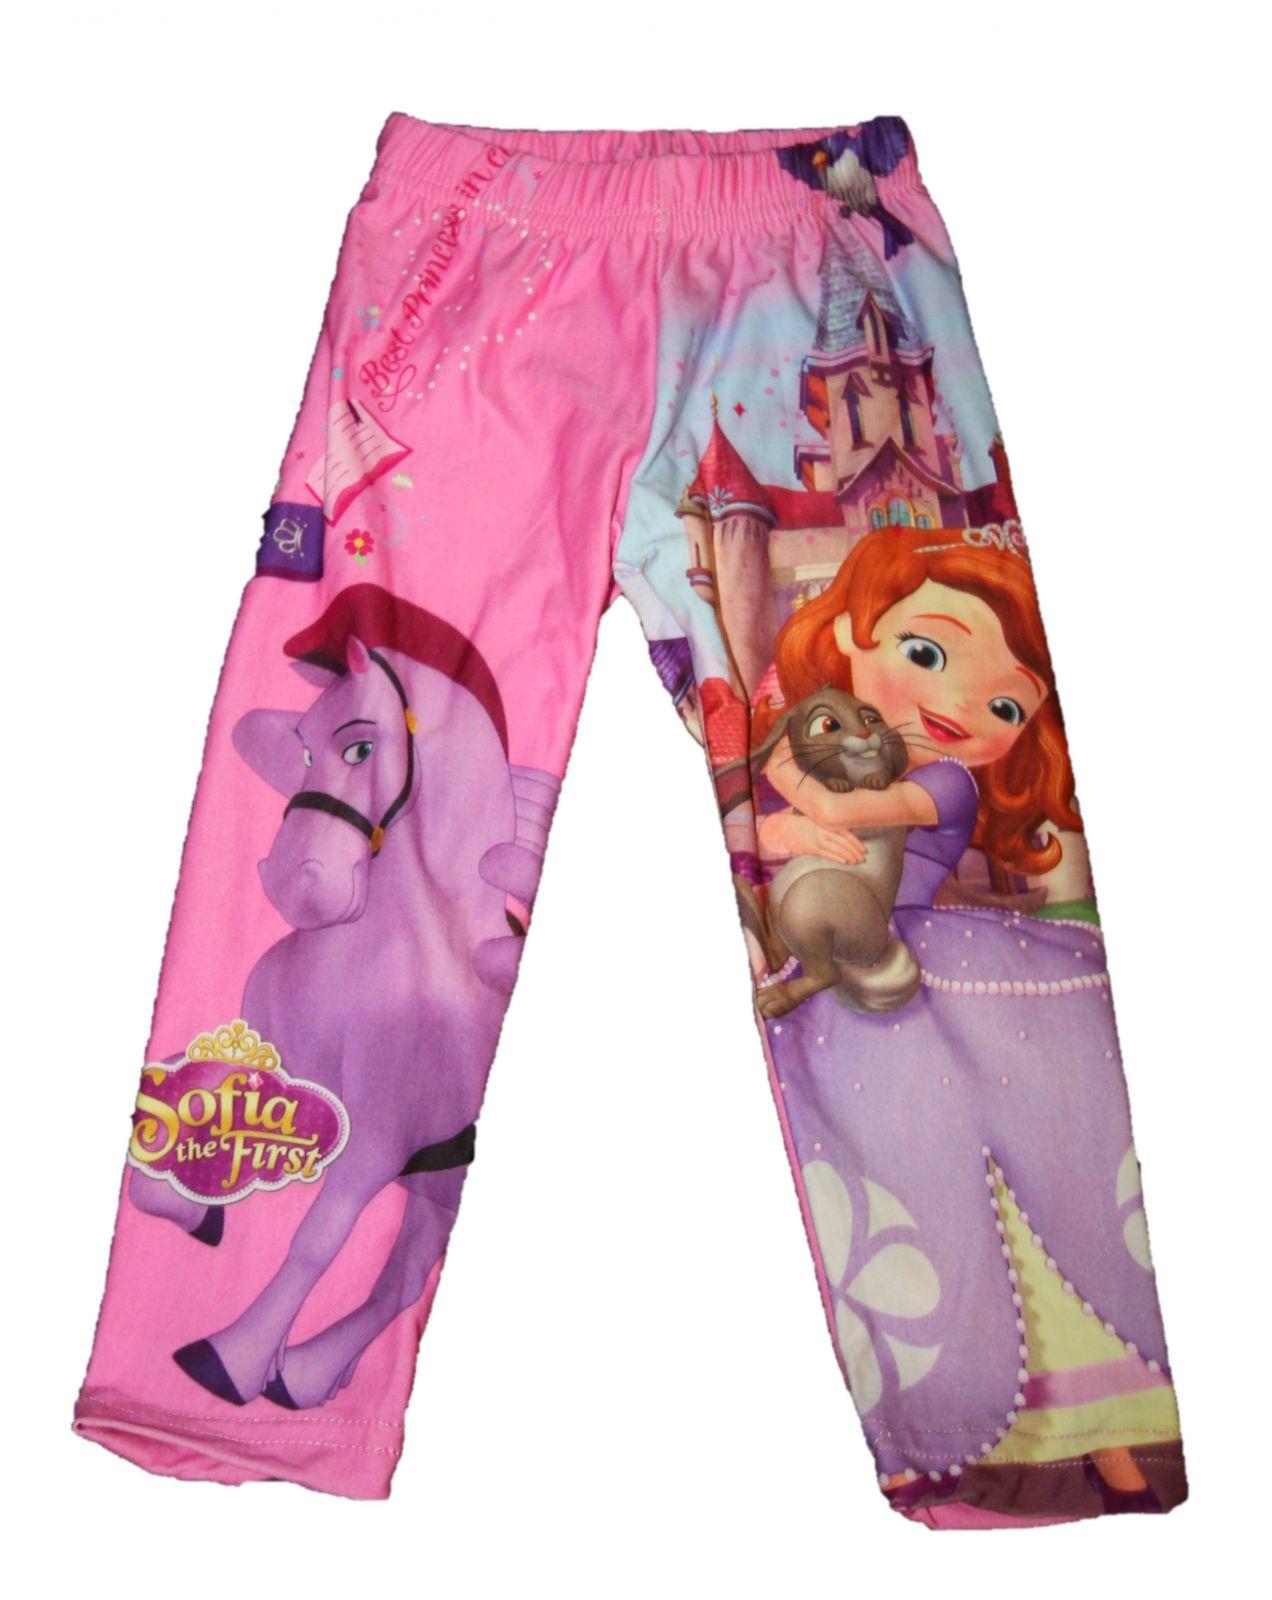 dětské legíny Sofia, dívčí legíny s princeznou Sofií, dětské oblečení Sofia Disney